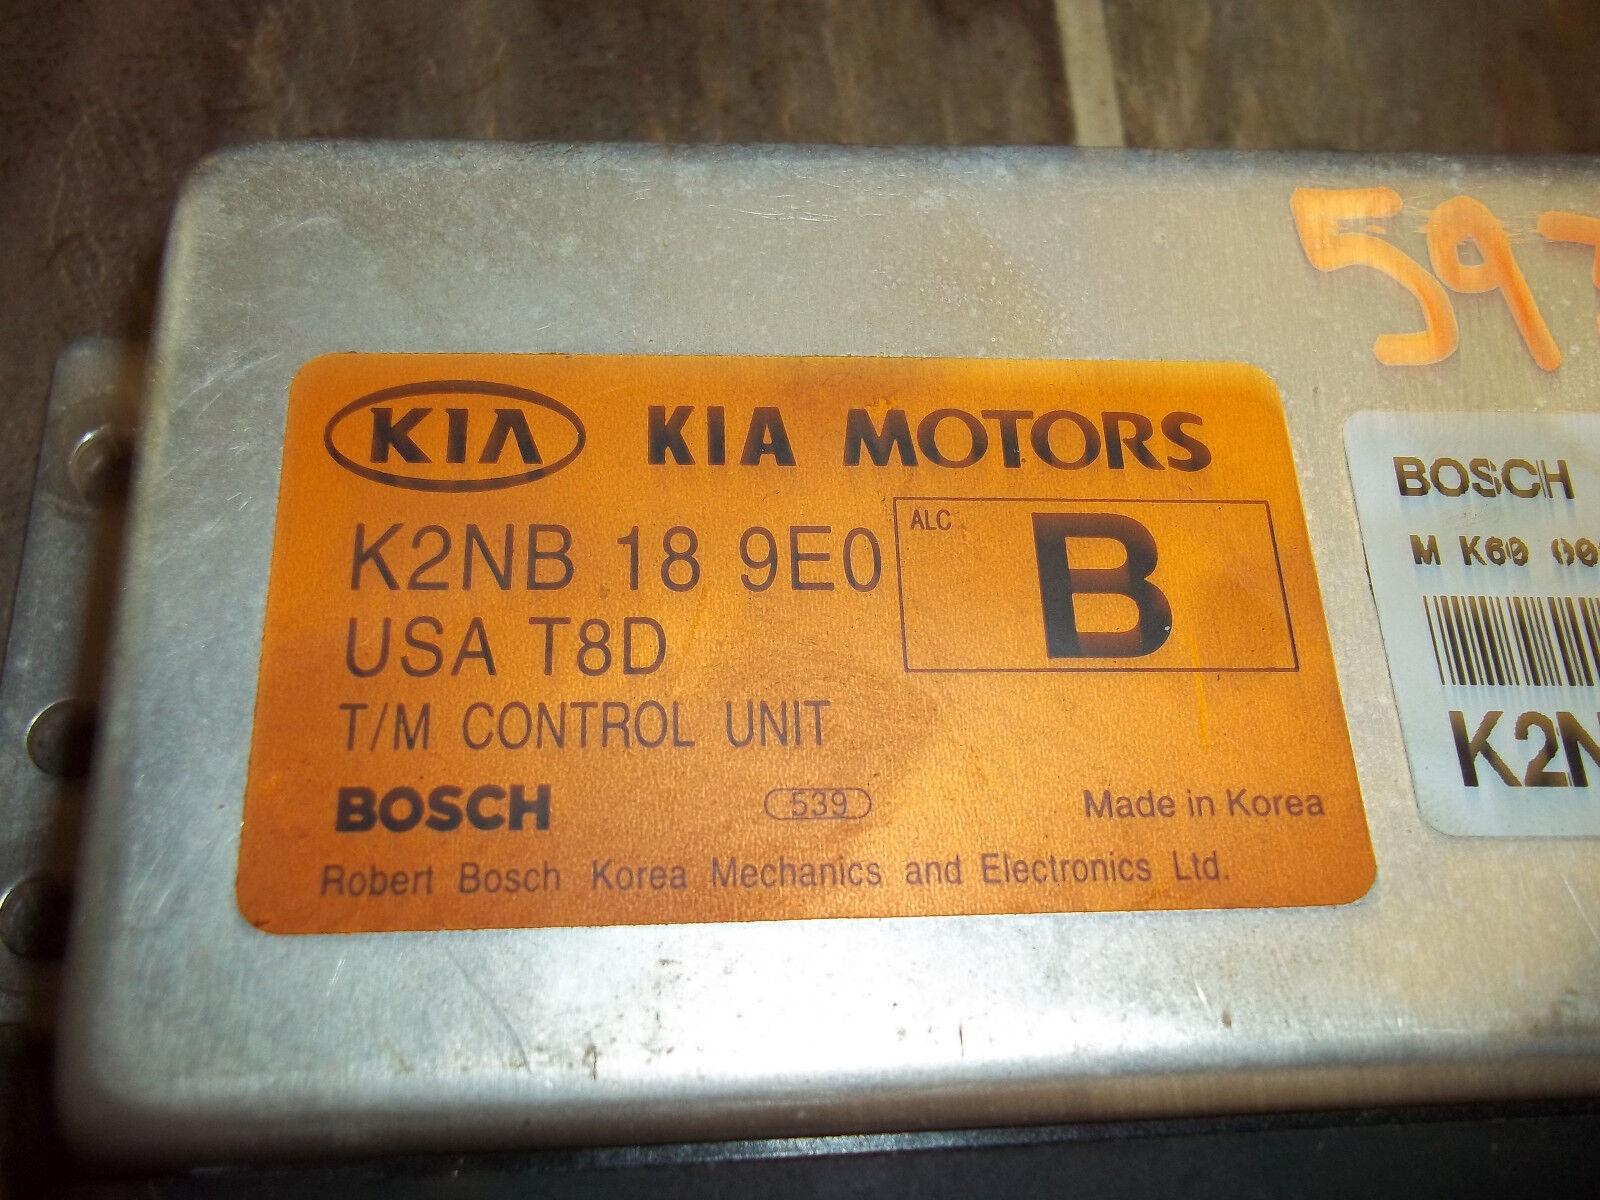 Kia Sportage Dash Lights Wiring Diagrams Moreover 2005 Kia Sedona Fuse